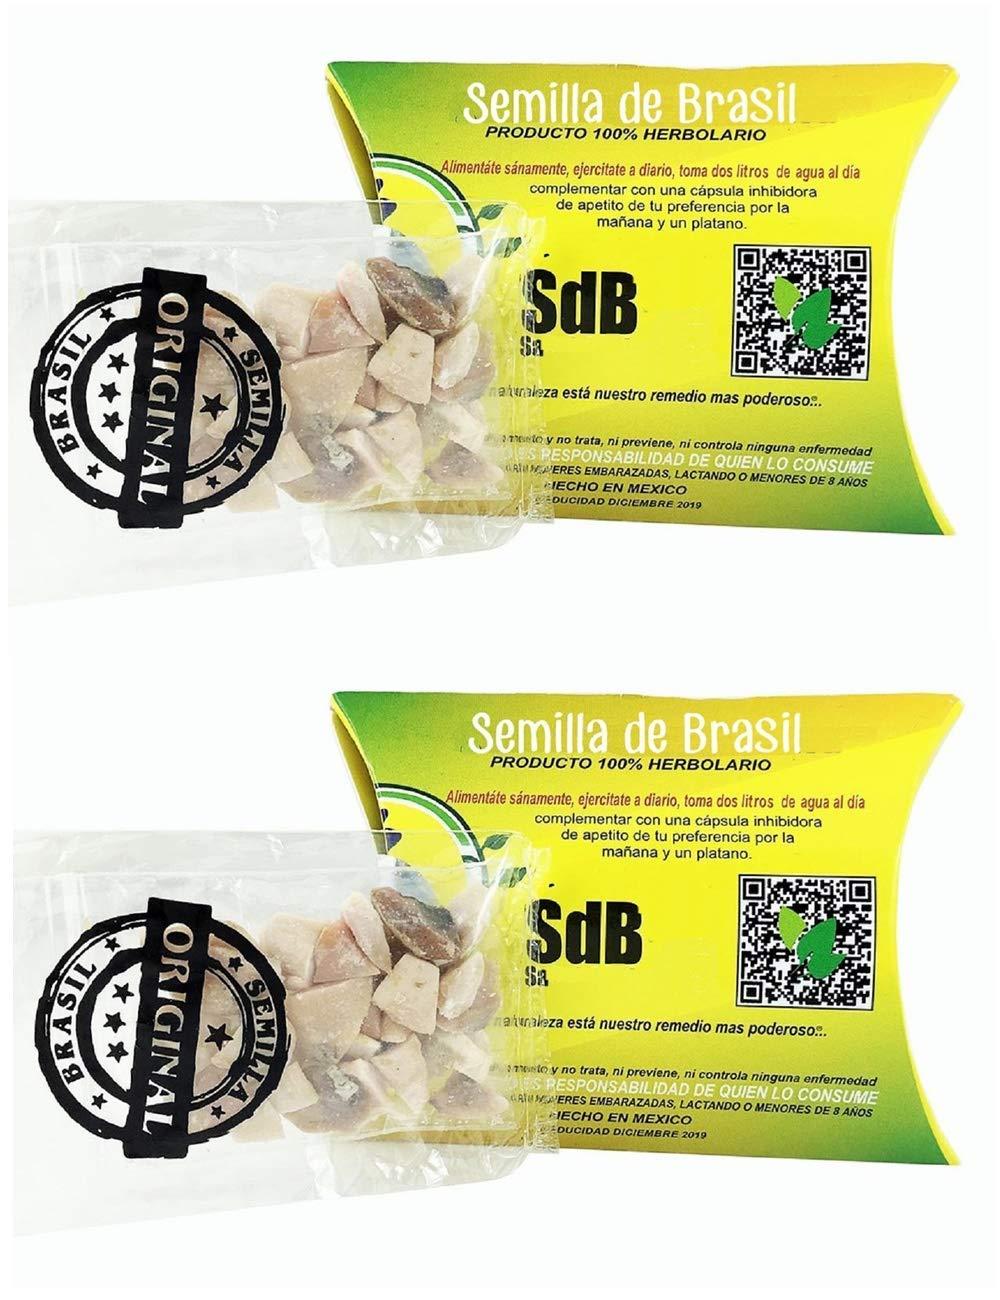 semilla de brasil para estilizarse precio mexico